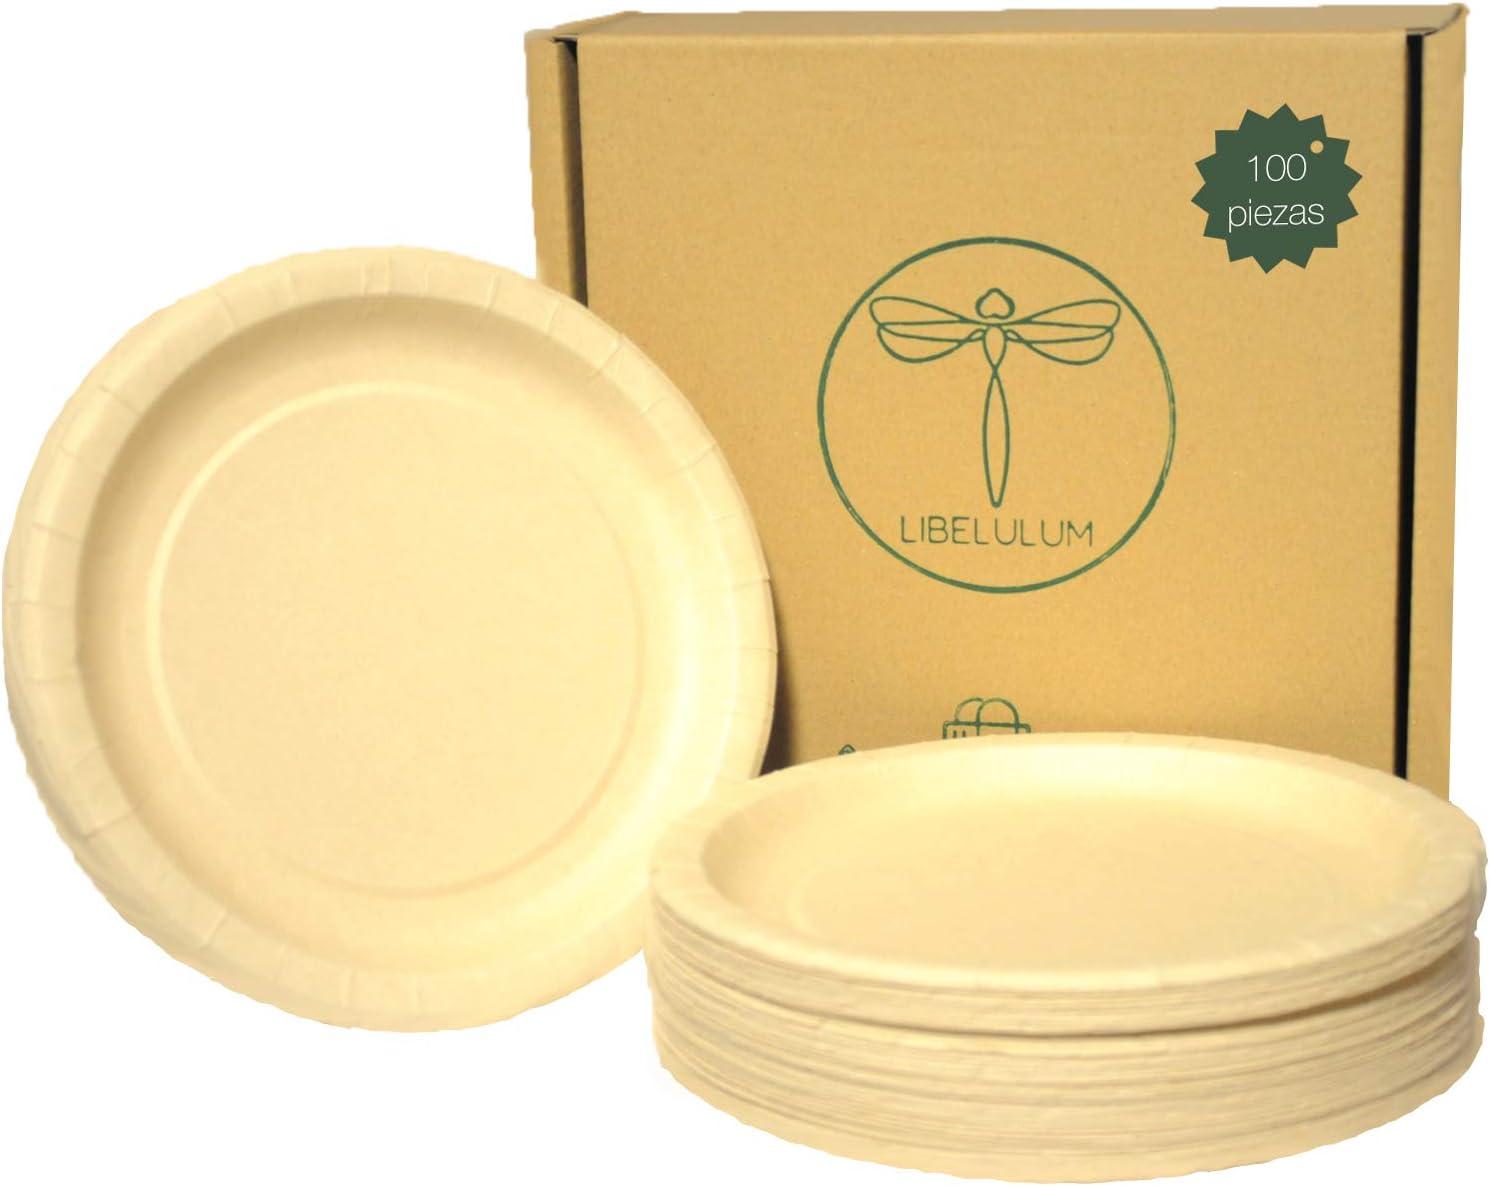 LIBELULUM 100 platos desechables de bambu, ecologicos y compostables de 20 cm de diametro.